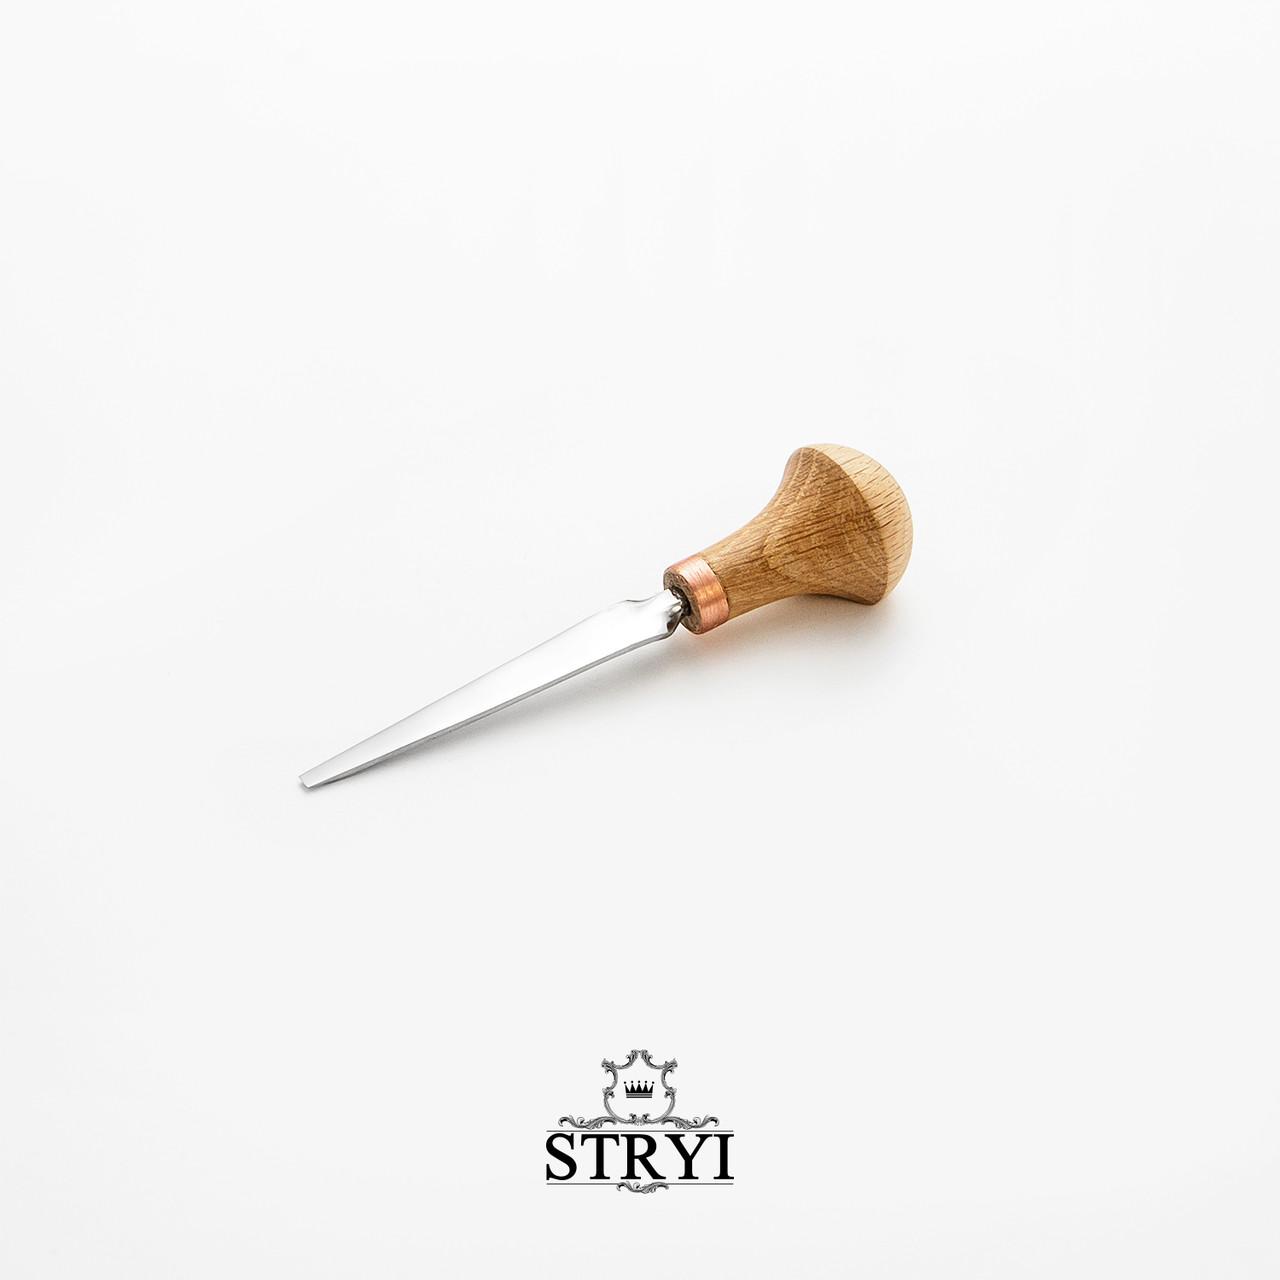 Штихель плоский 3мм для різьби по дереву від виробника STRYI